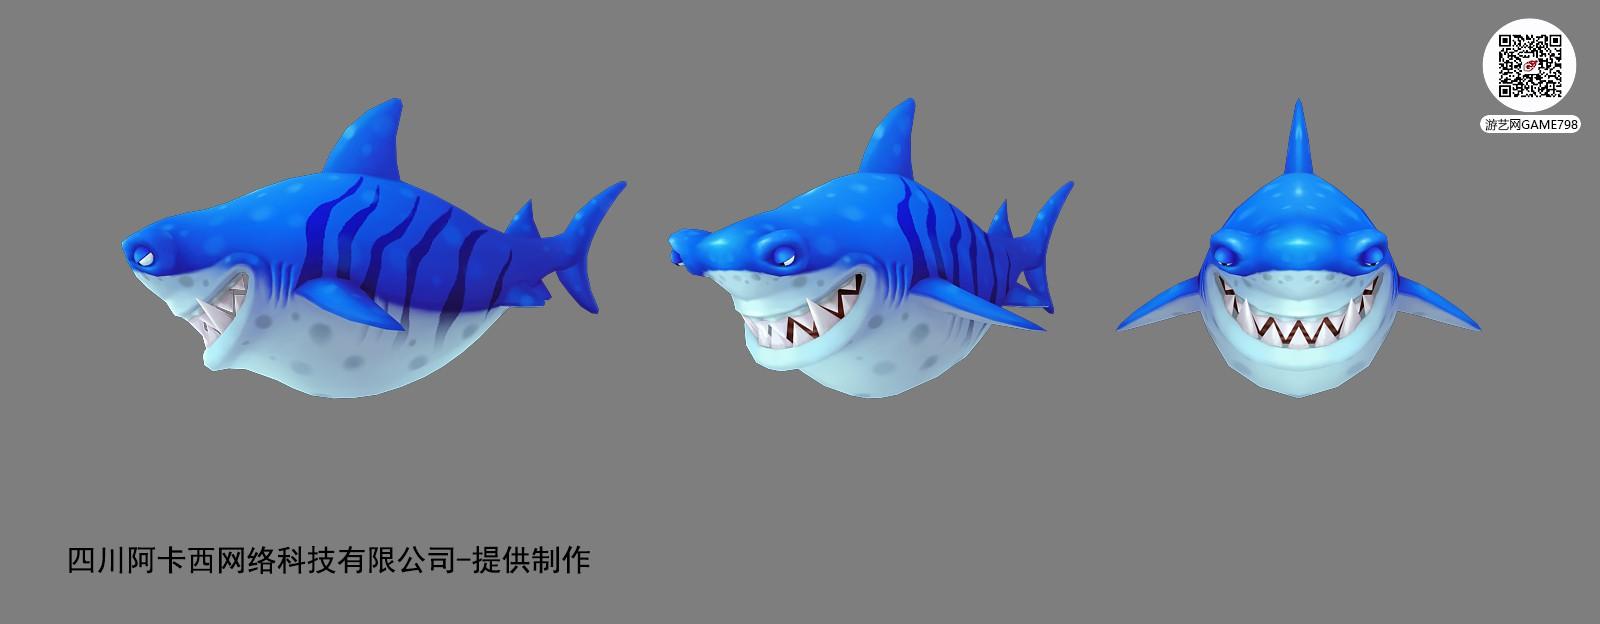 锤头鲨贴图截图-四川阿卡西网络.jpg